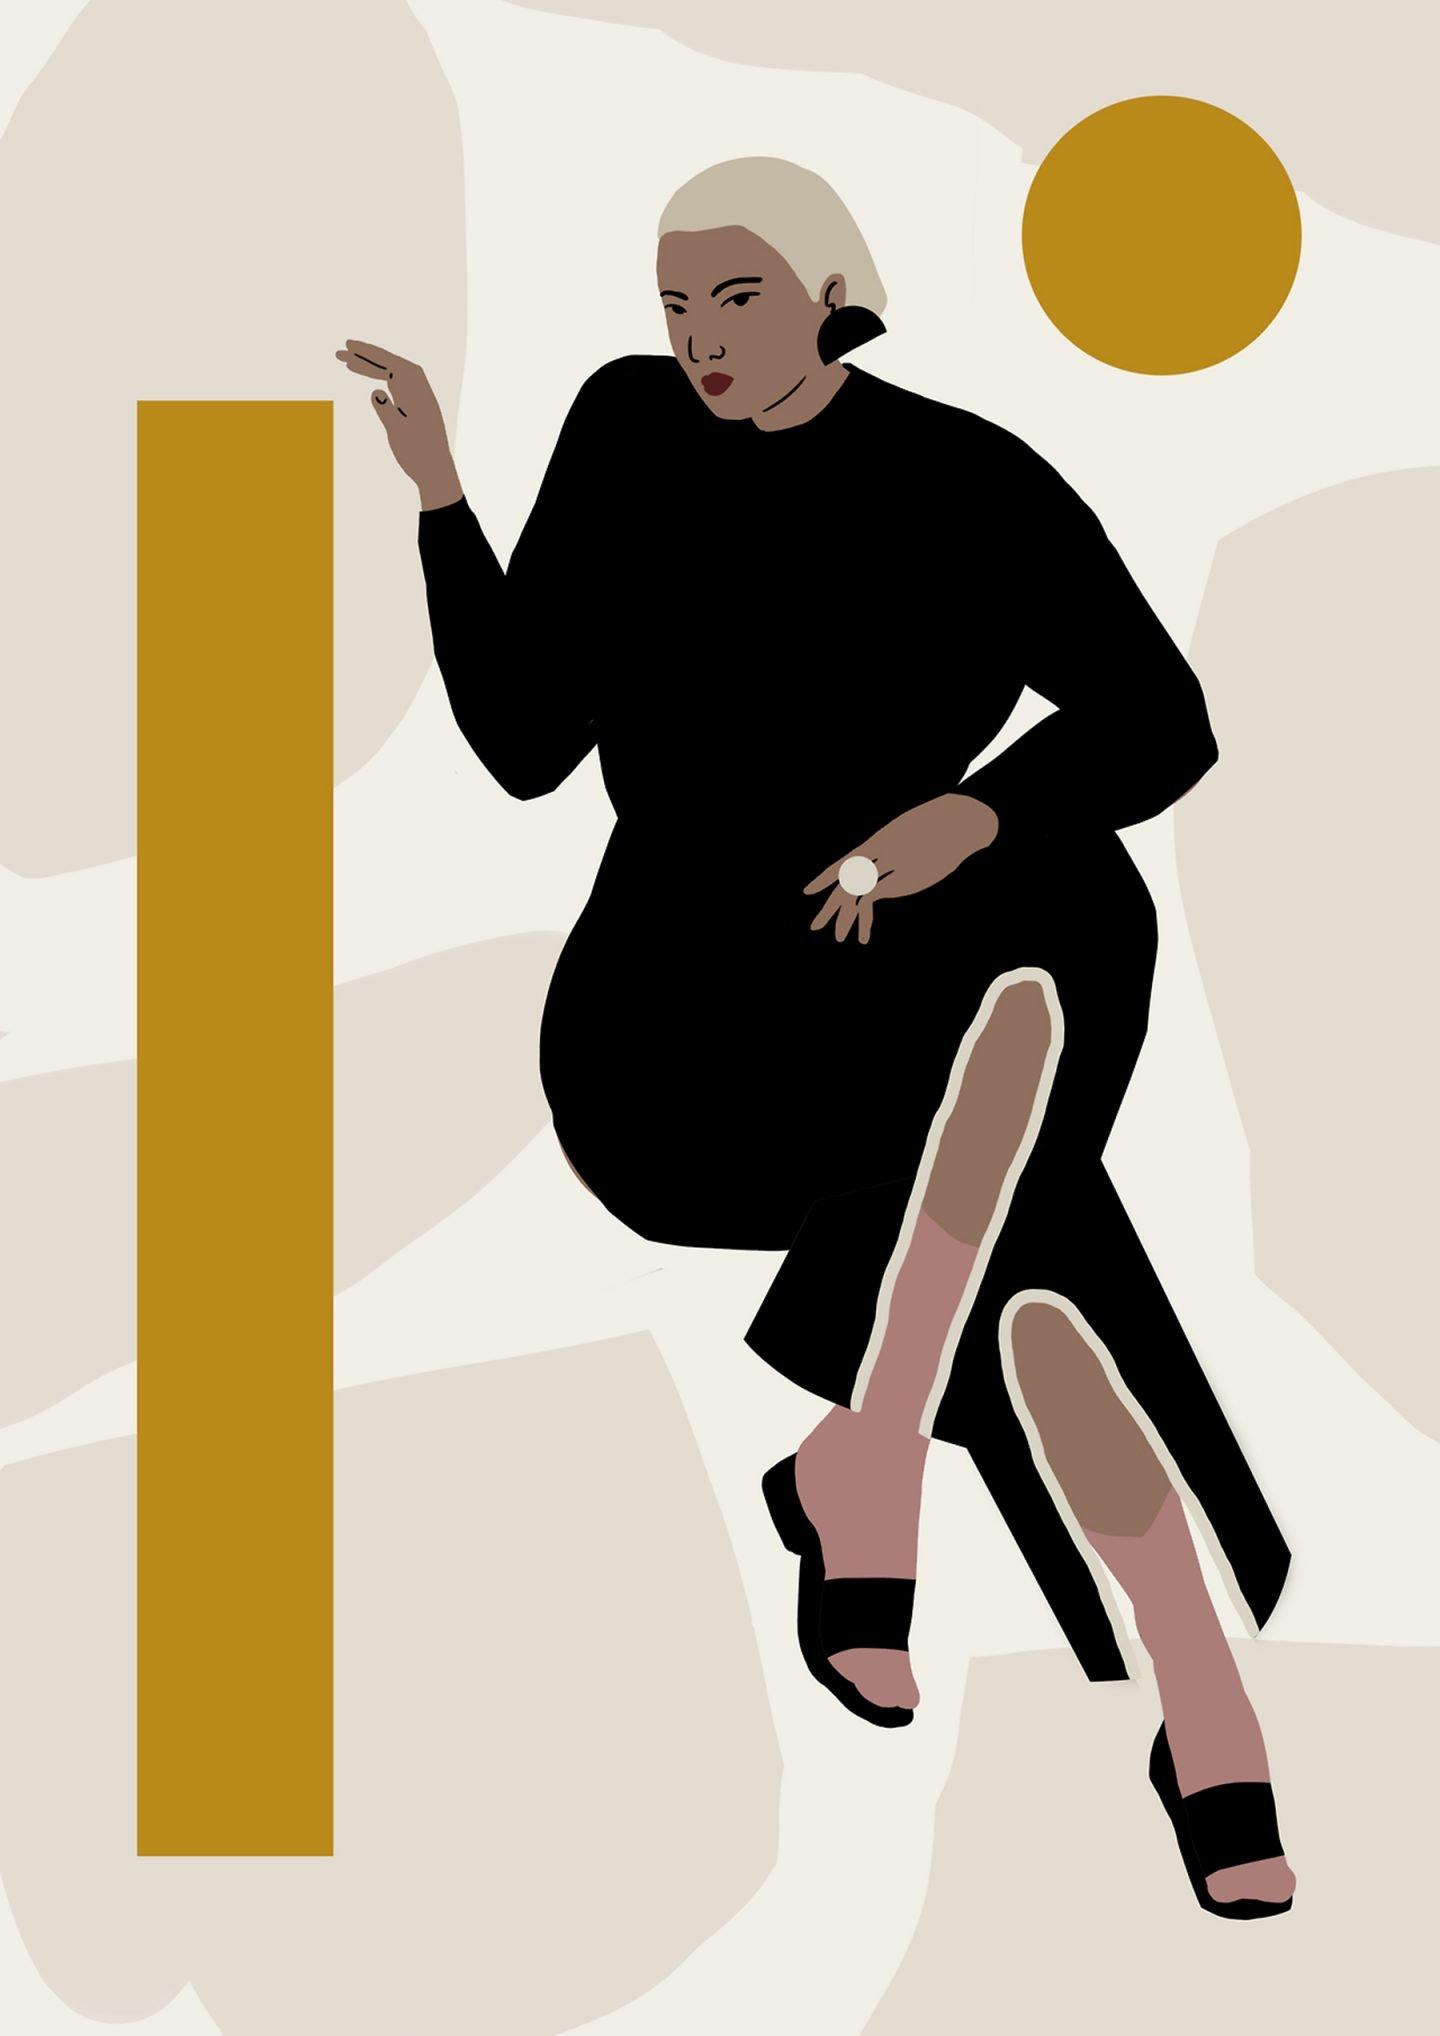 L'esplorazione della forma femminile dell'illustratrice Daiana Ruiz | Collater.al 5